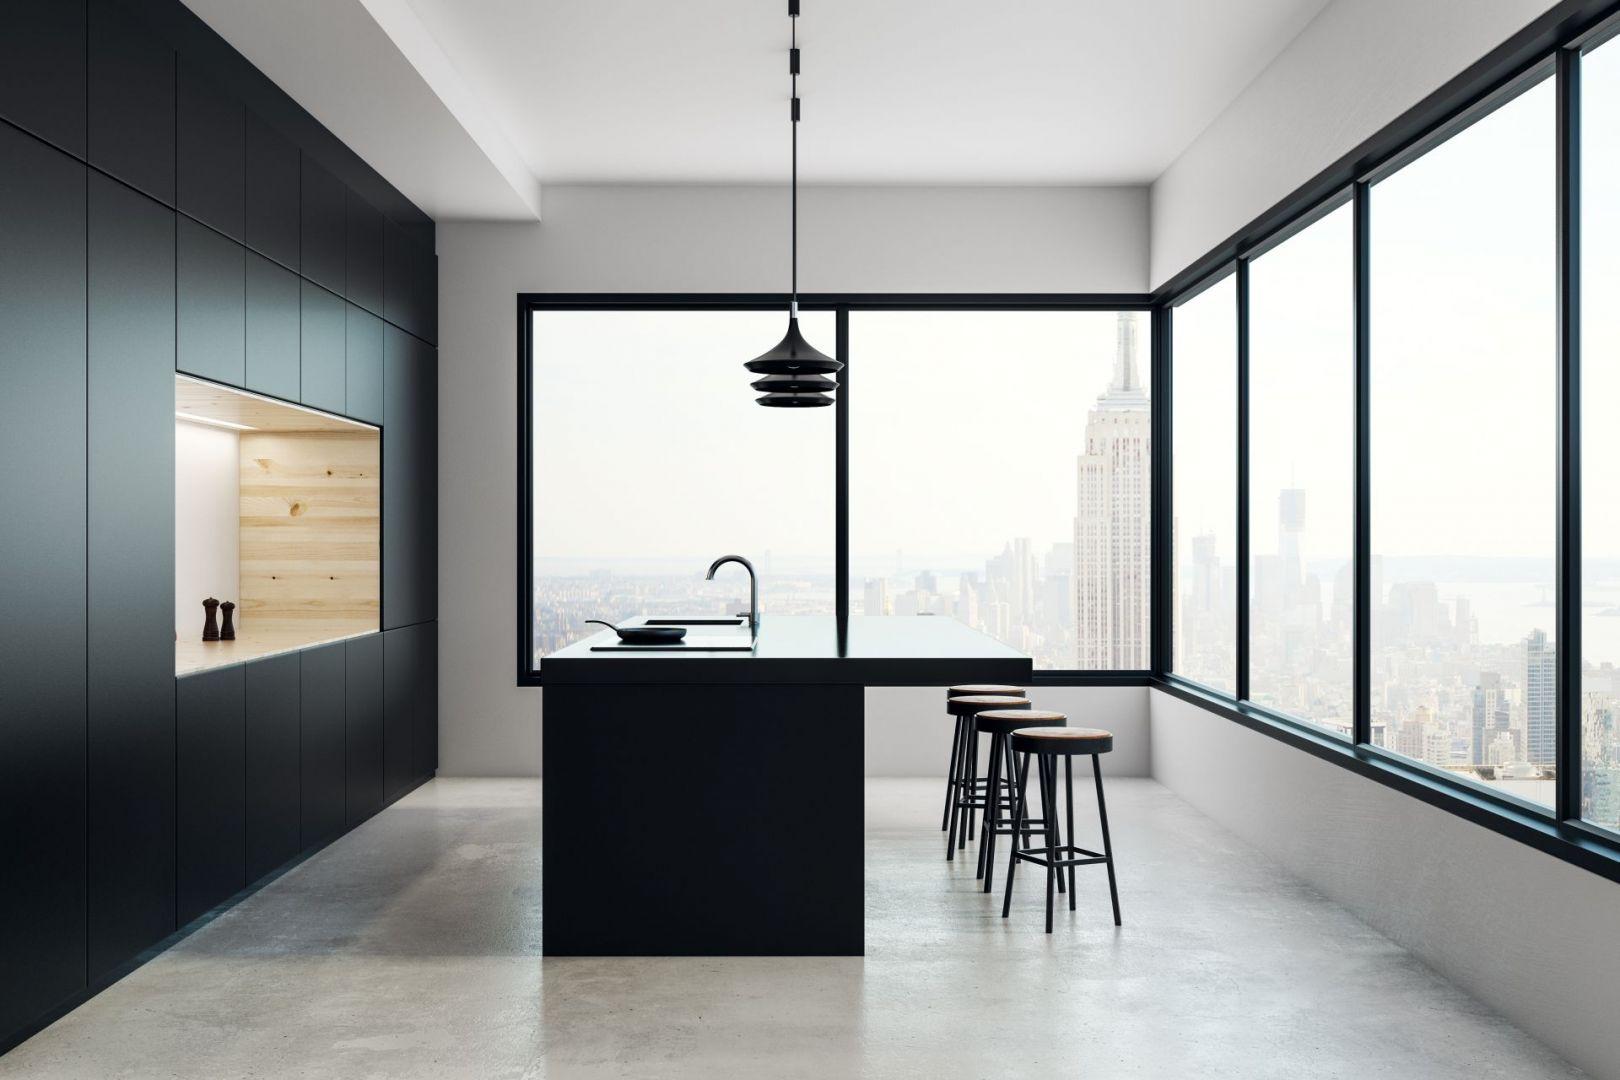 Efekt nieograniczonej przestrzeni w industrialnych wnętrzach budują nierzadko wysokie sufity i duże przeszklenia, które wypełniają pomieszczenia naturalnym światłem. Fot. Awilux